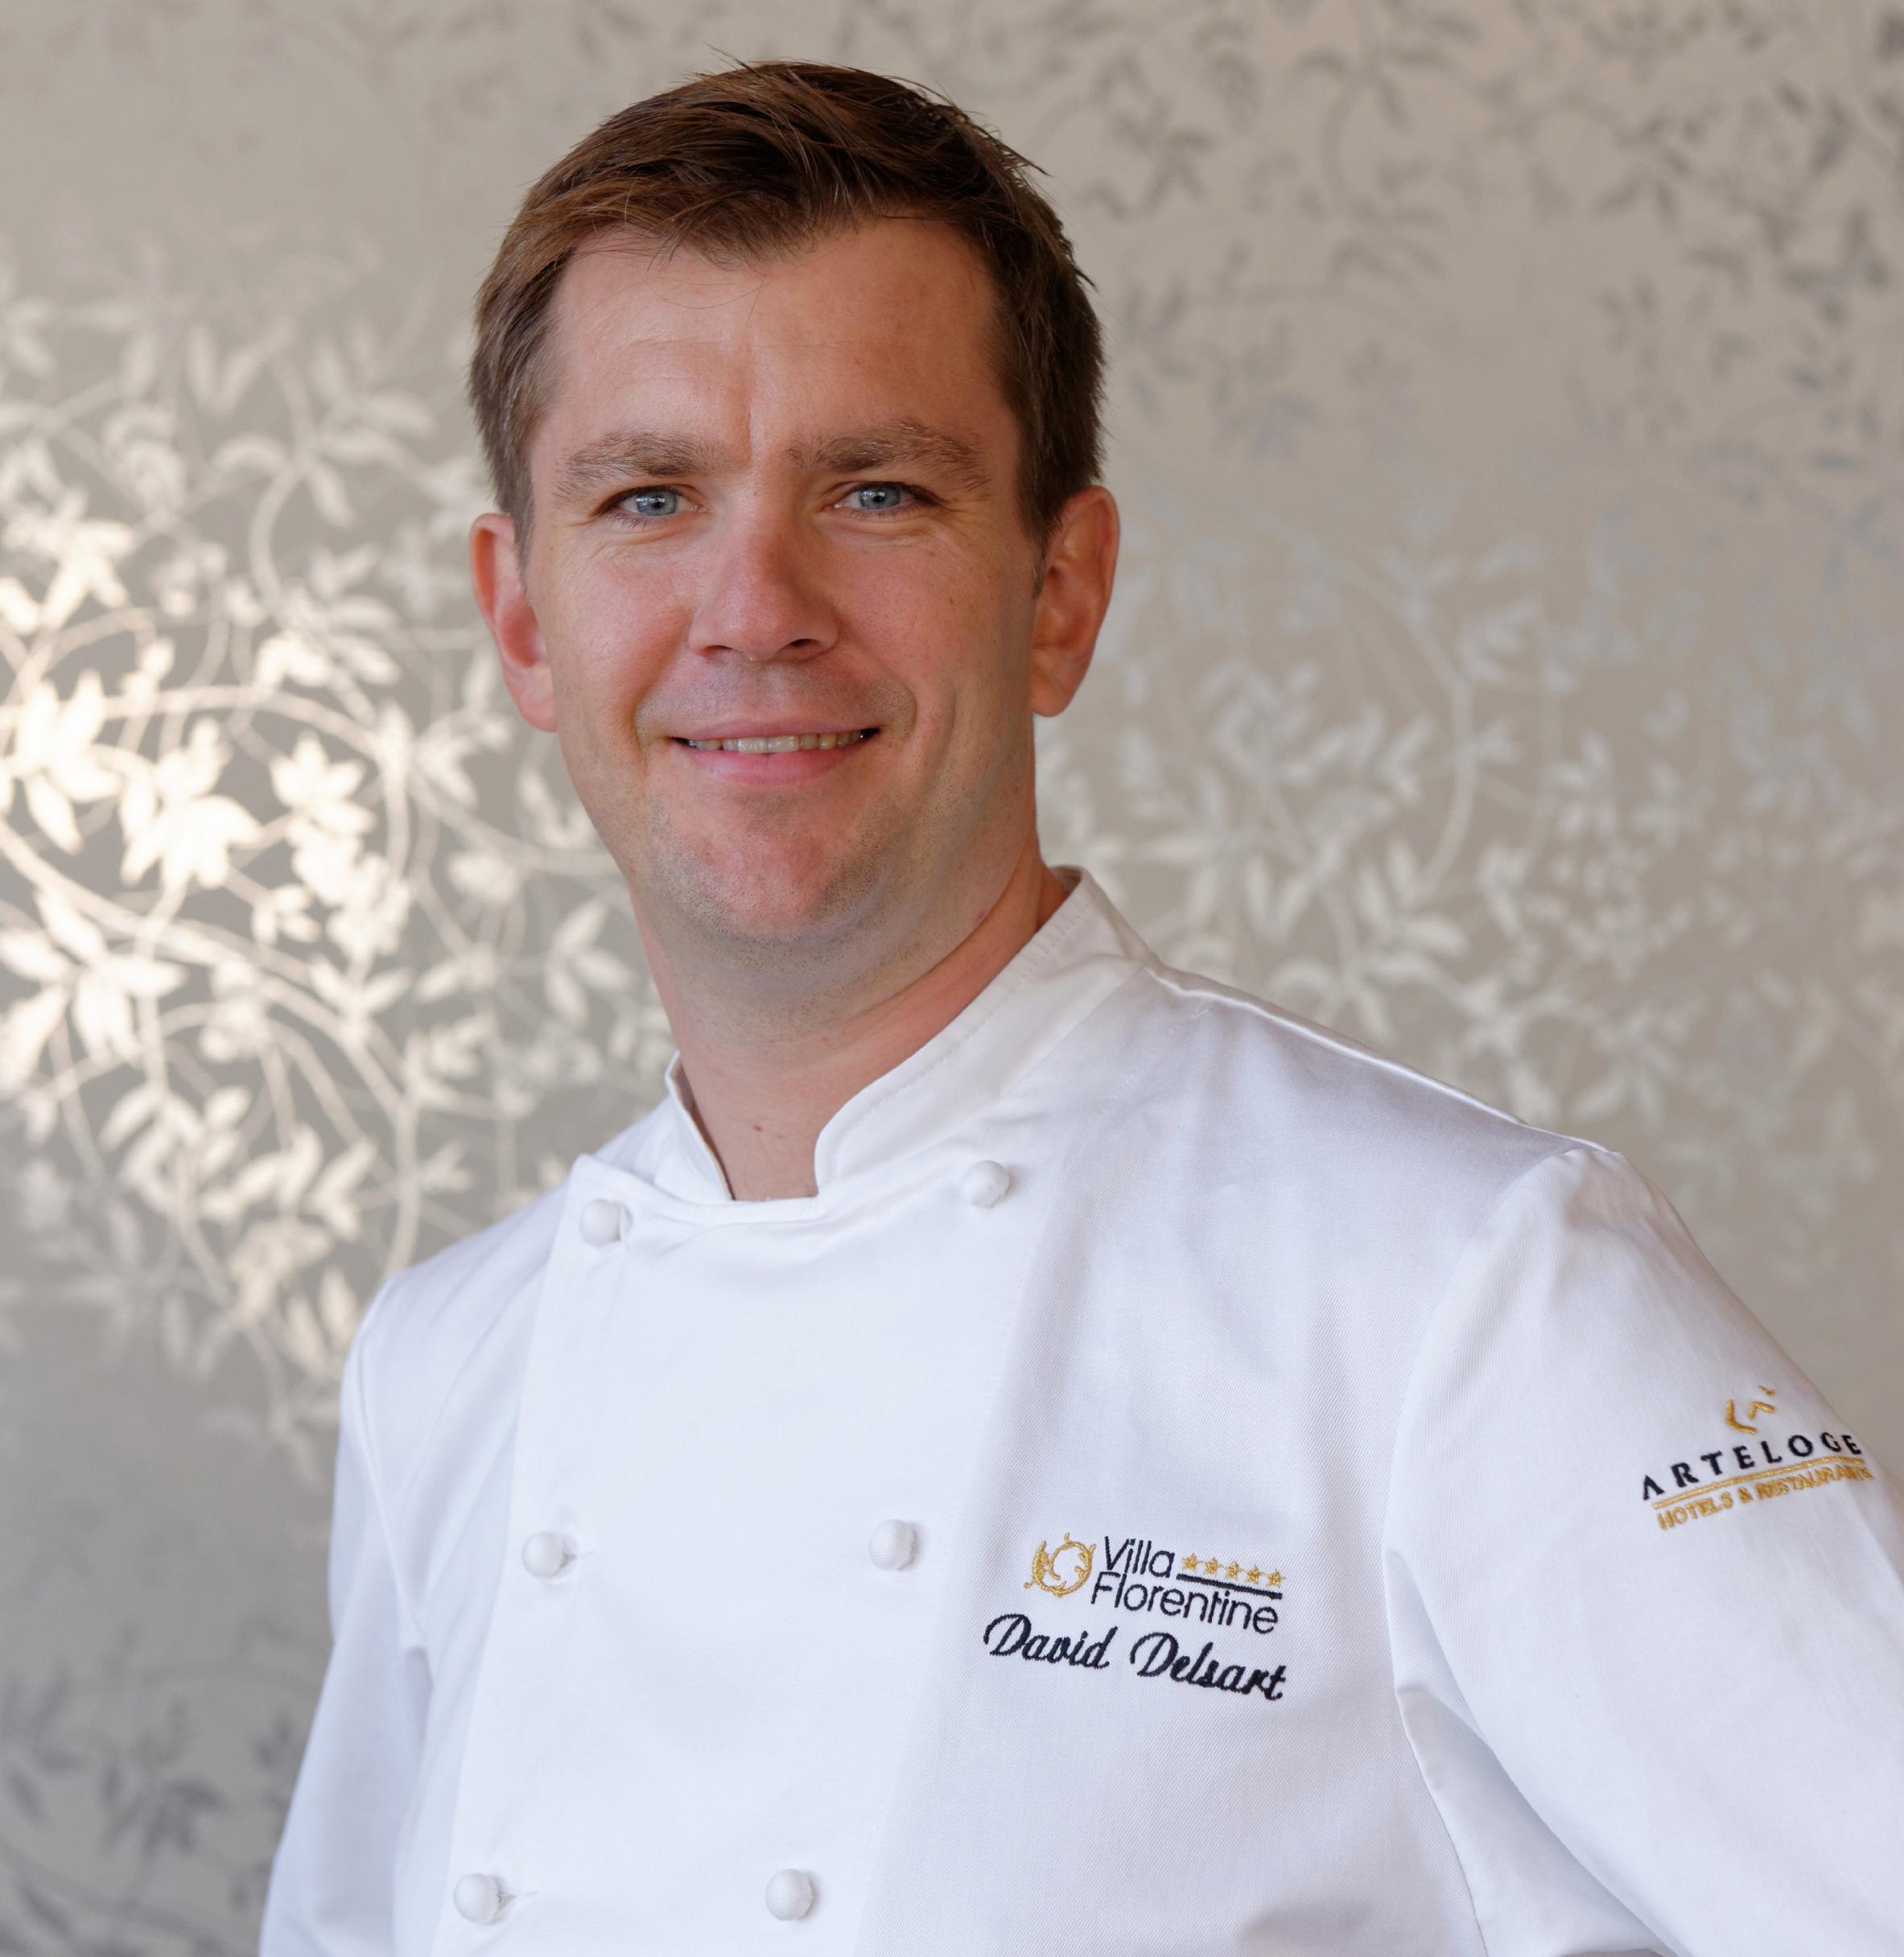 Chef David Delsart